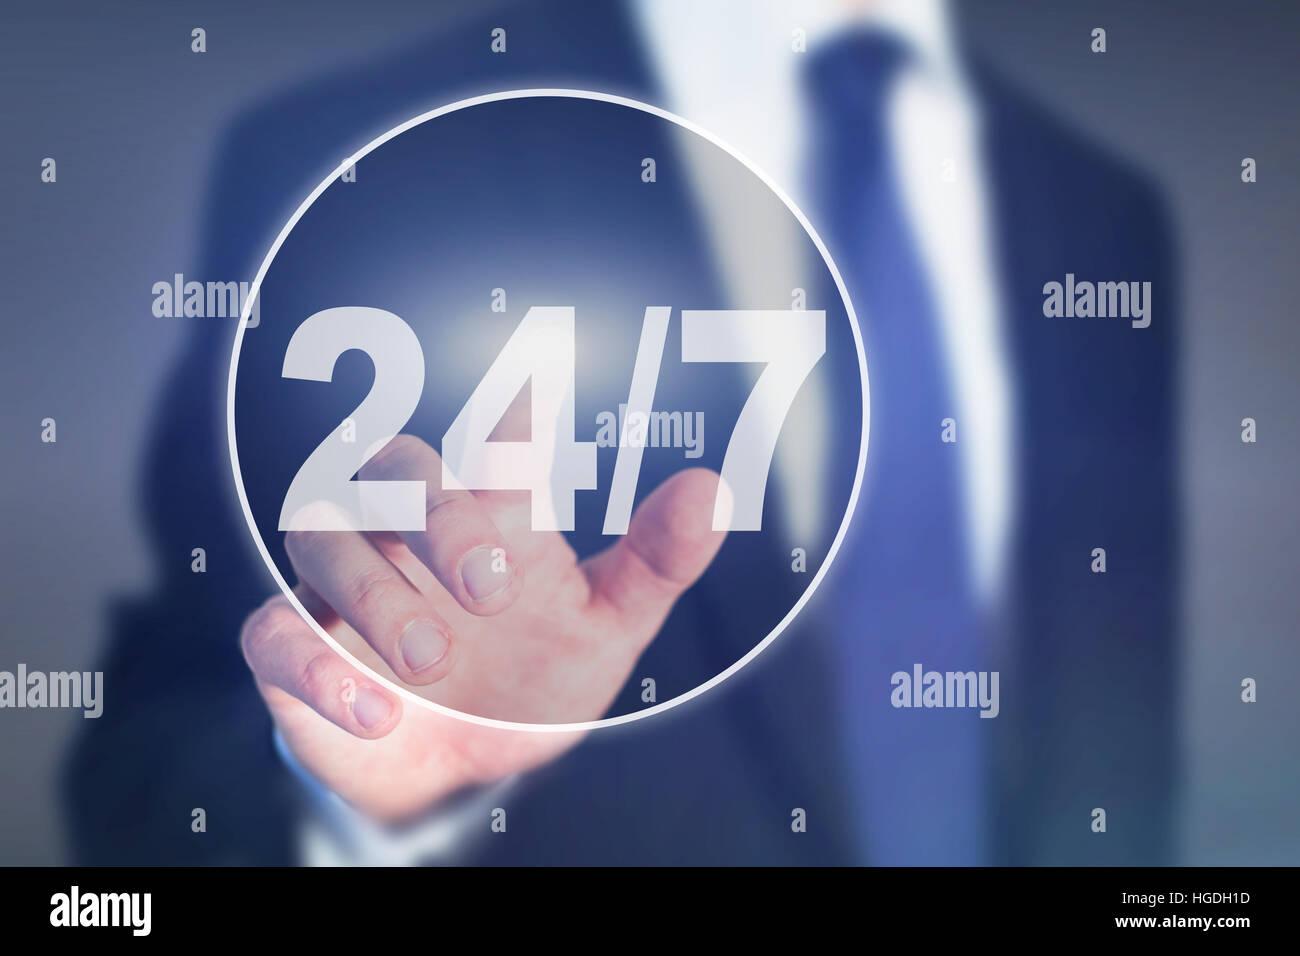 Concept de soutien non-stop, 24h/24 bouton Banque D'Images